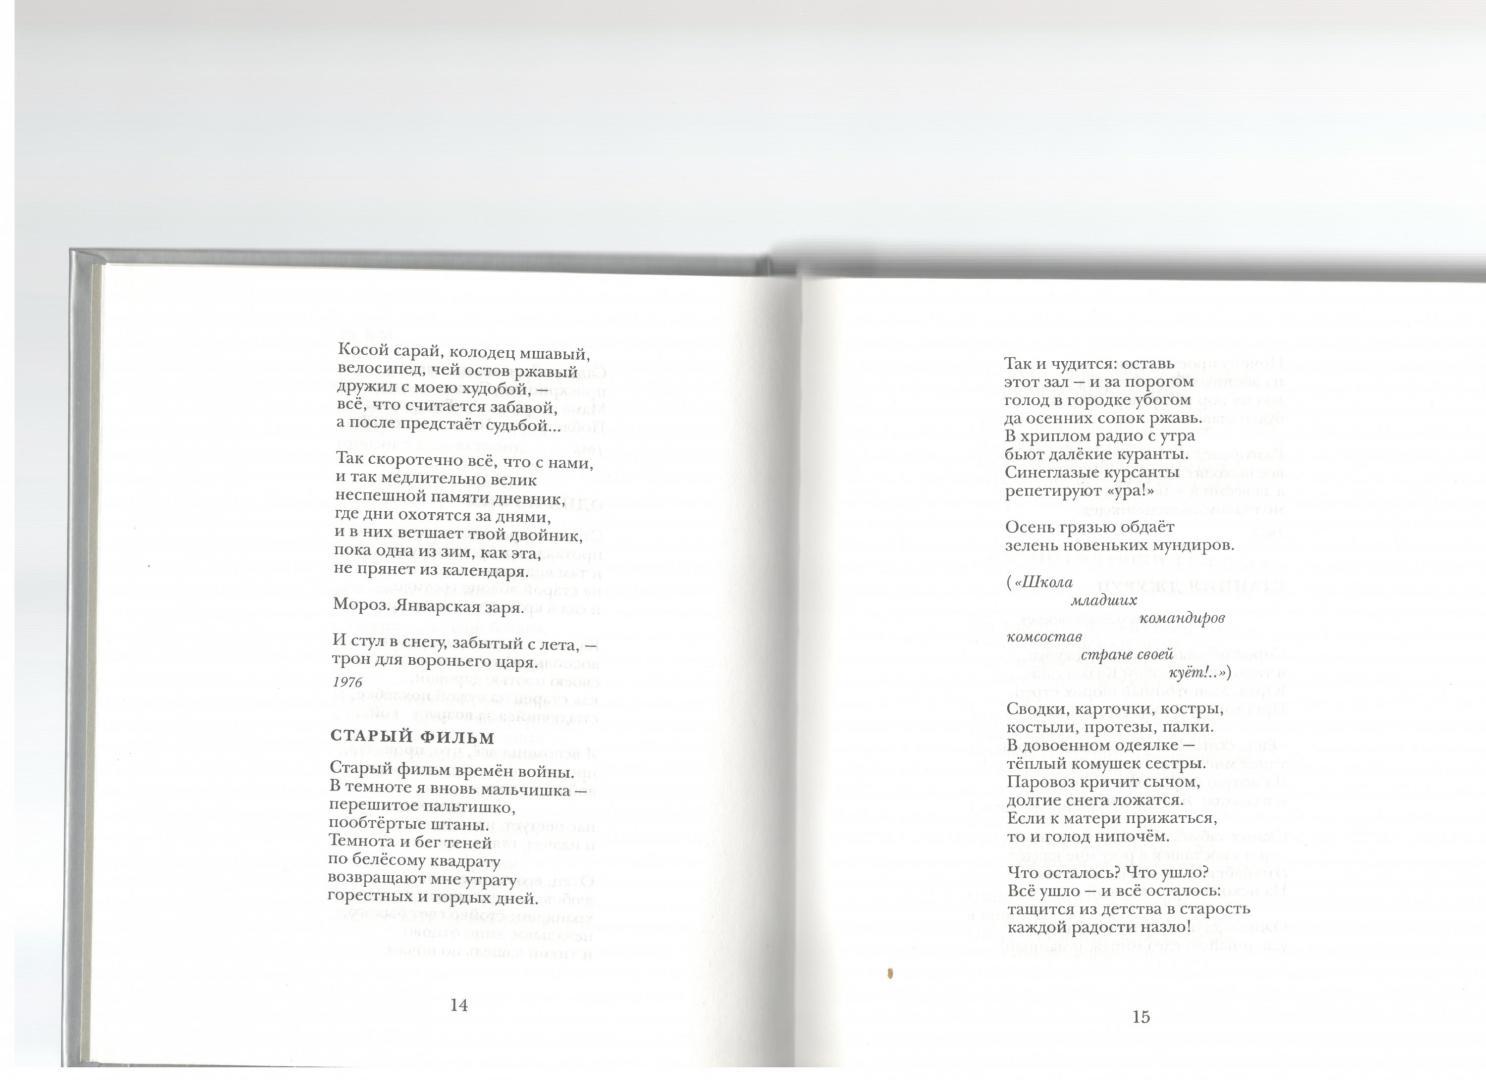 Иллюстрация 21 из 22 для Между Я и Явью: Избранные стихи - Павел Грушко | Лабиринт - книги. Источник: neludimka